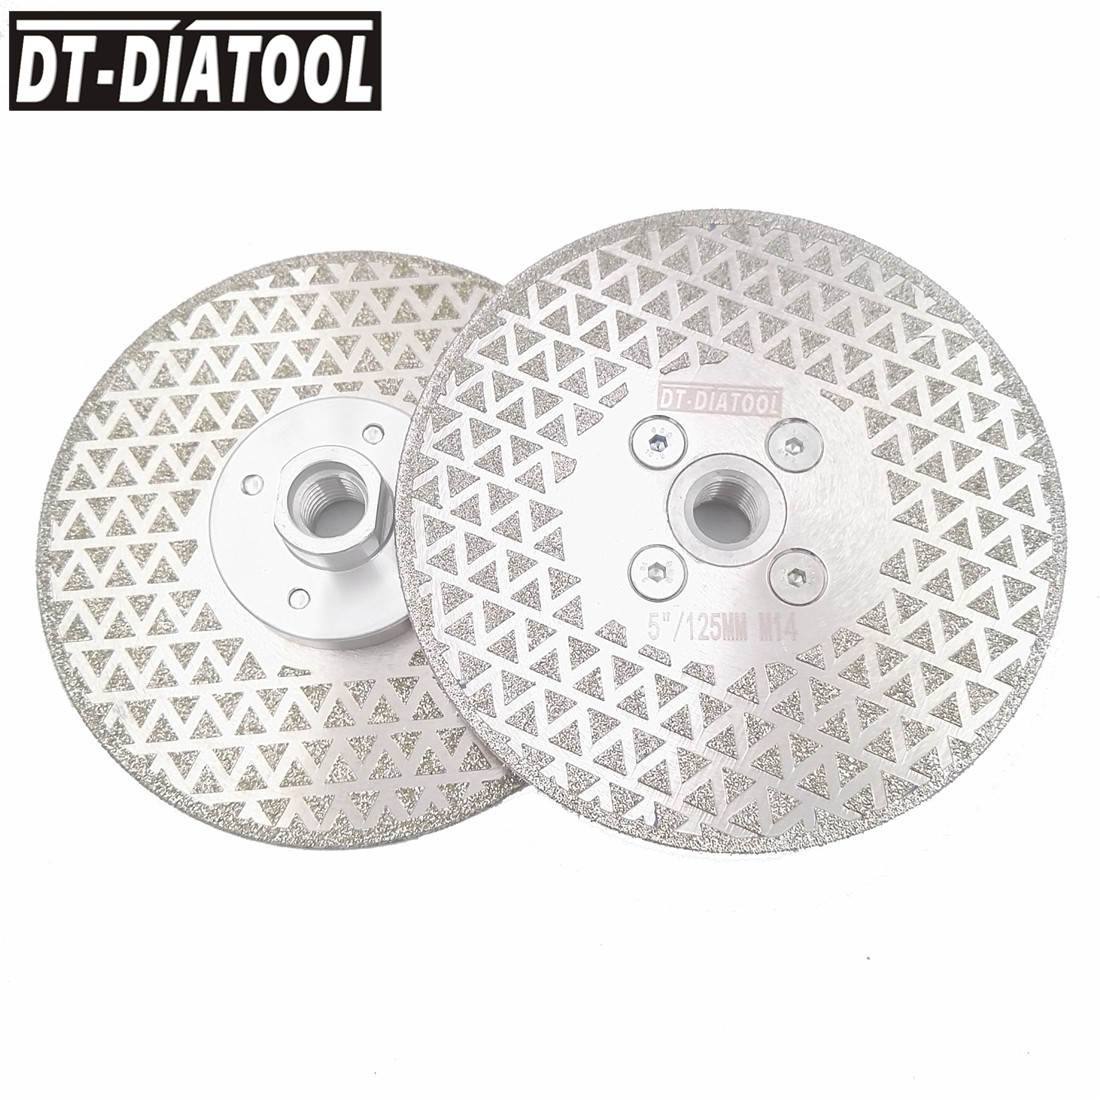 DT-DIATOOL 2pcs M14 Dia 5